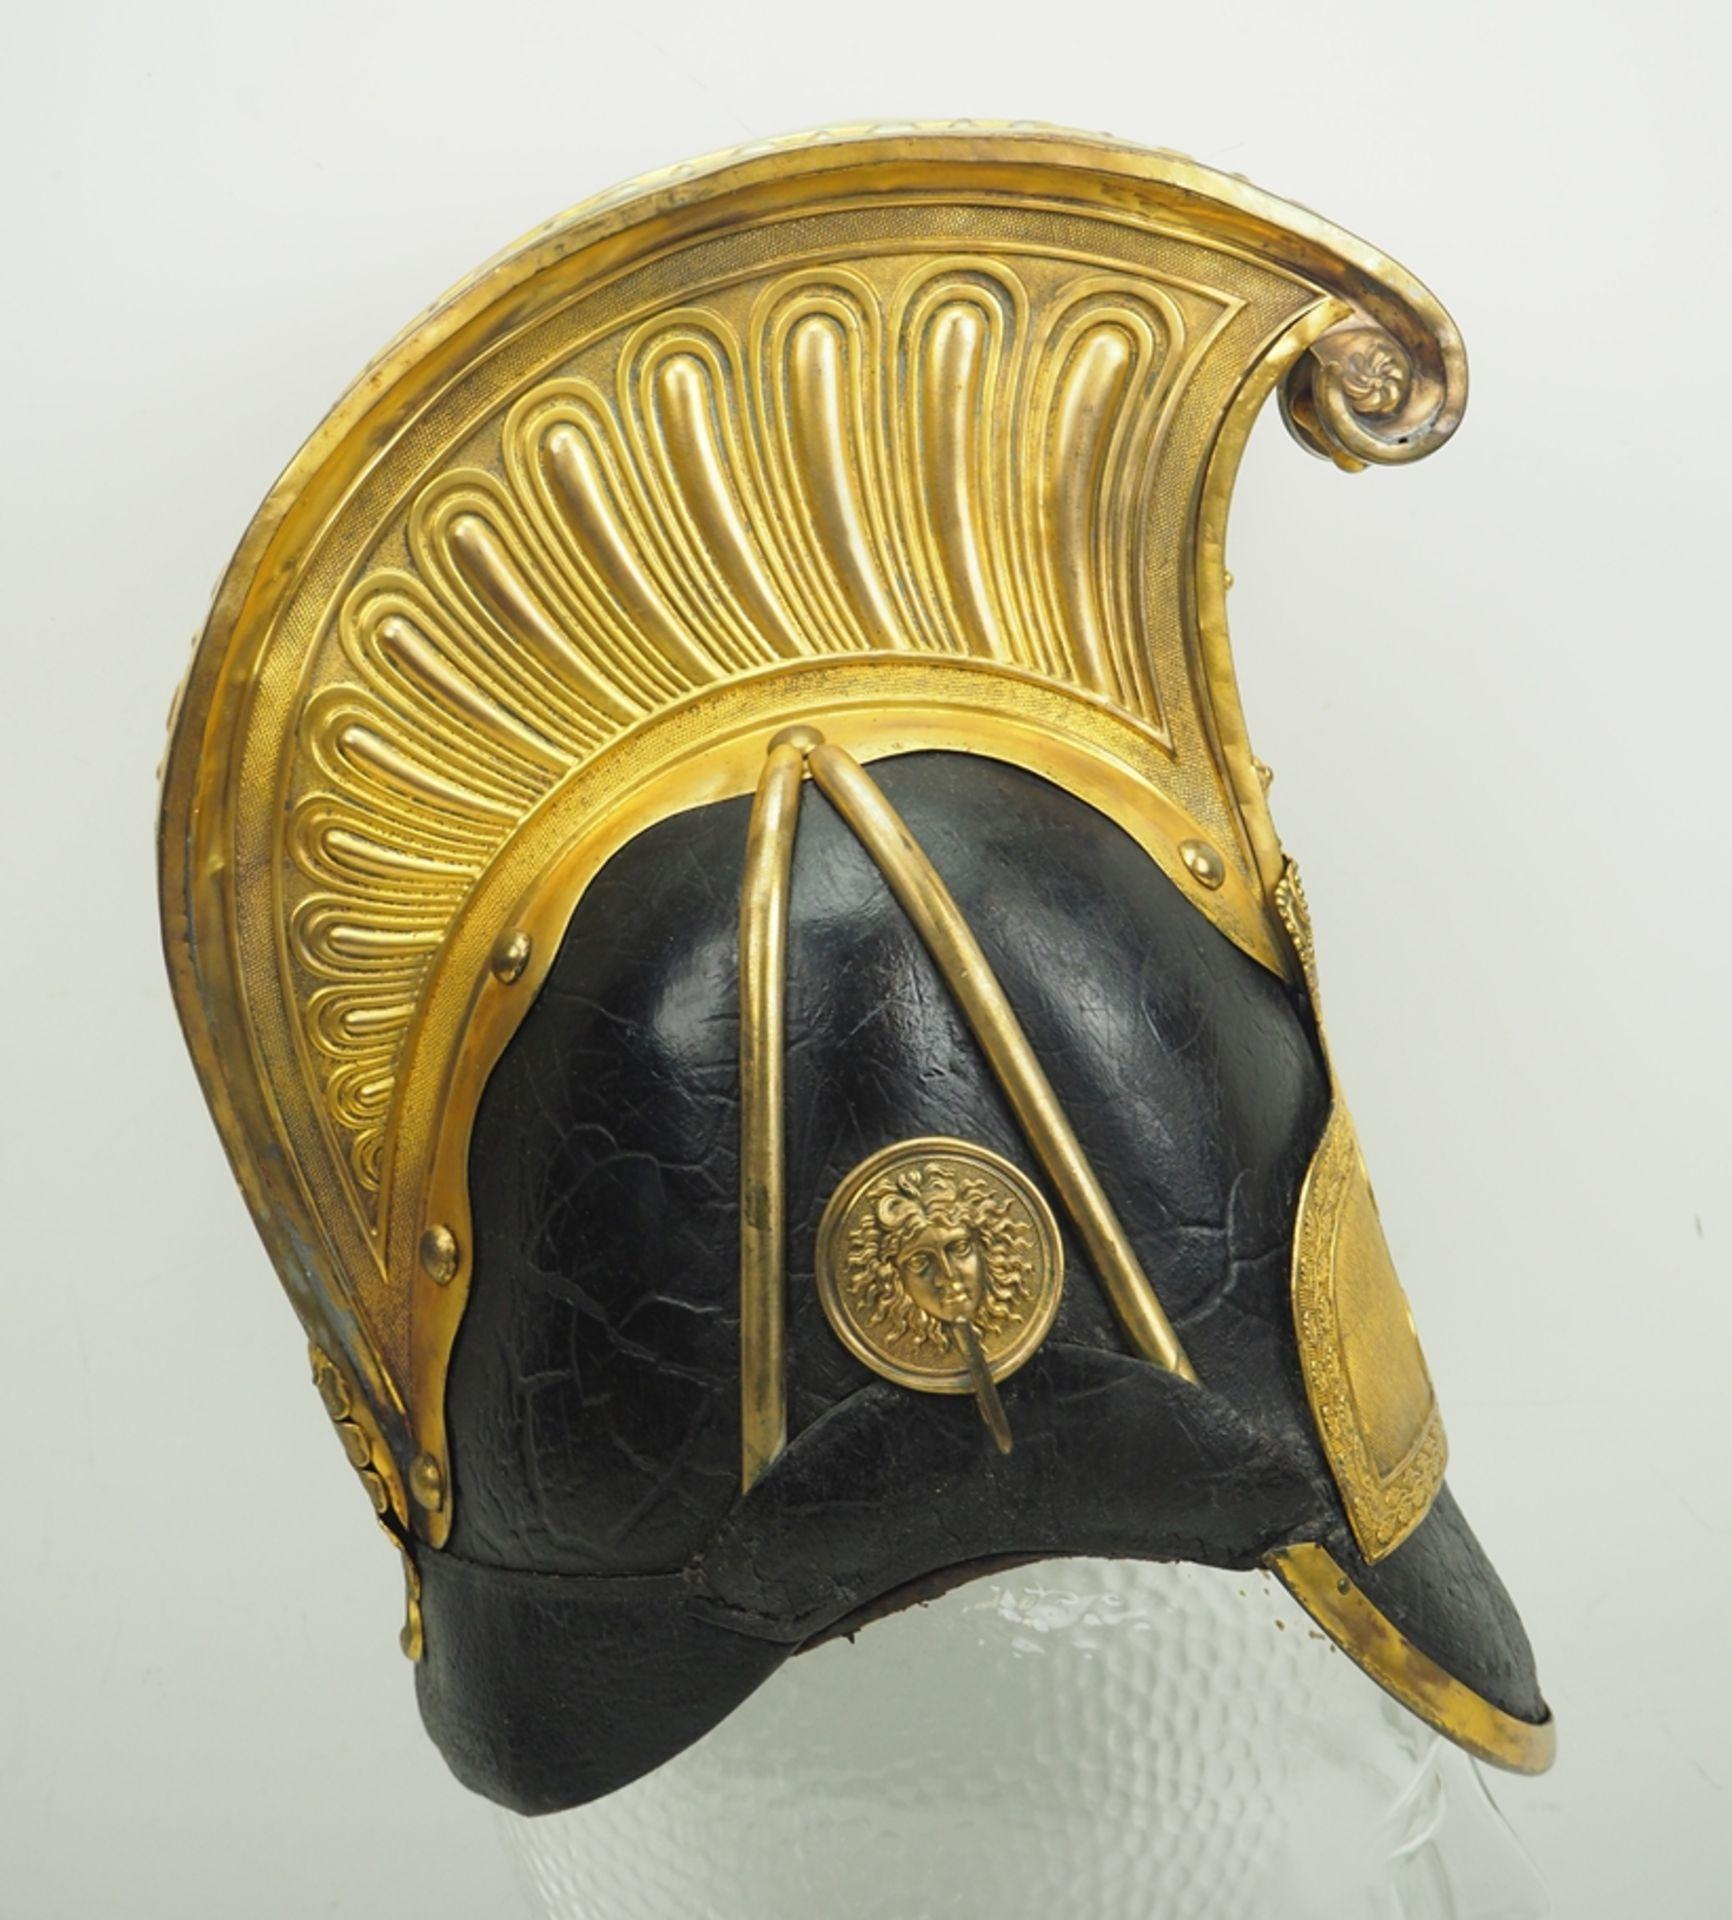 Sachsen: Gardereiter, Helm für Offiziere Modell 1860. - Bild 3 aus 5